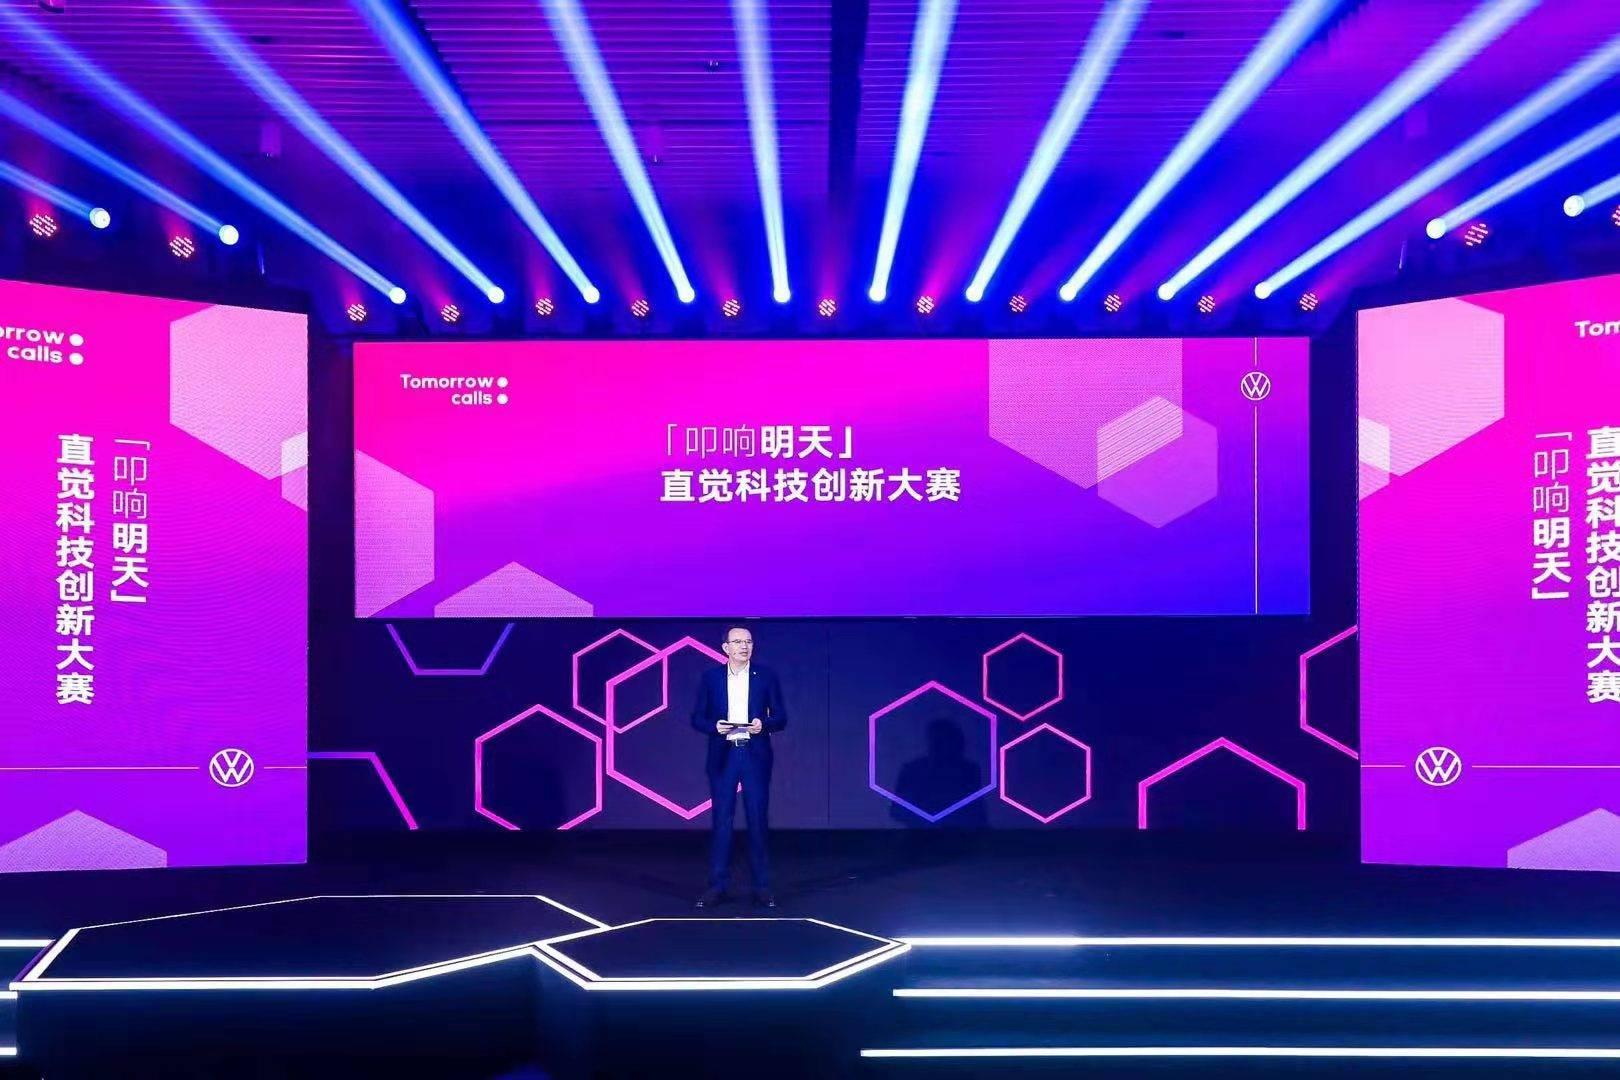 叩响明天│大众汽车携手中国初创企业强化创新竞争力